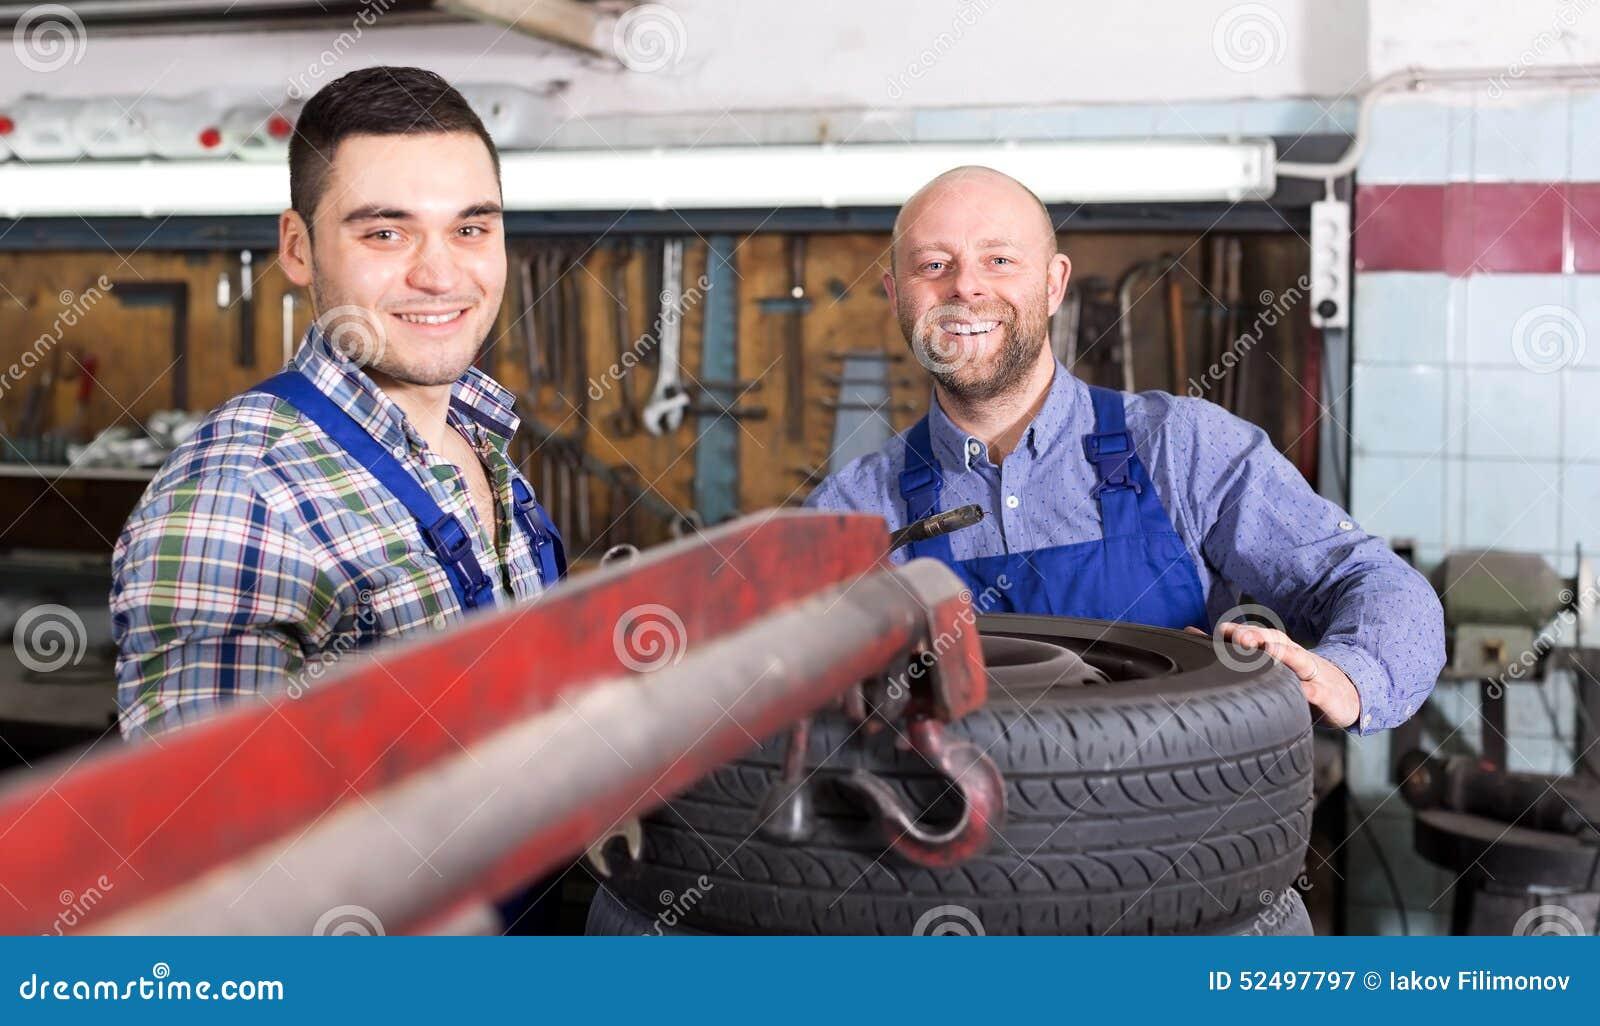 Image Result For Automotive Workshopa